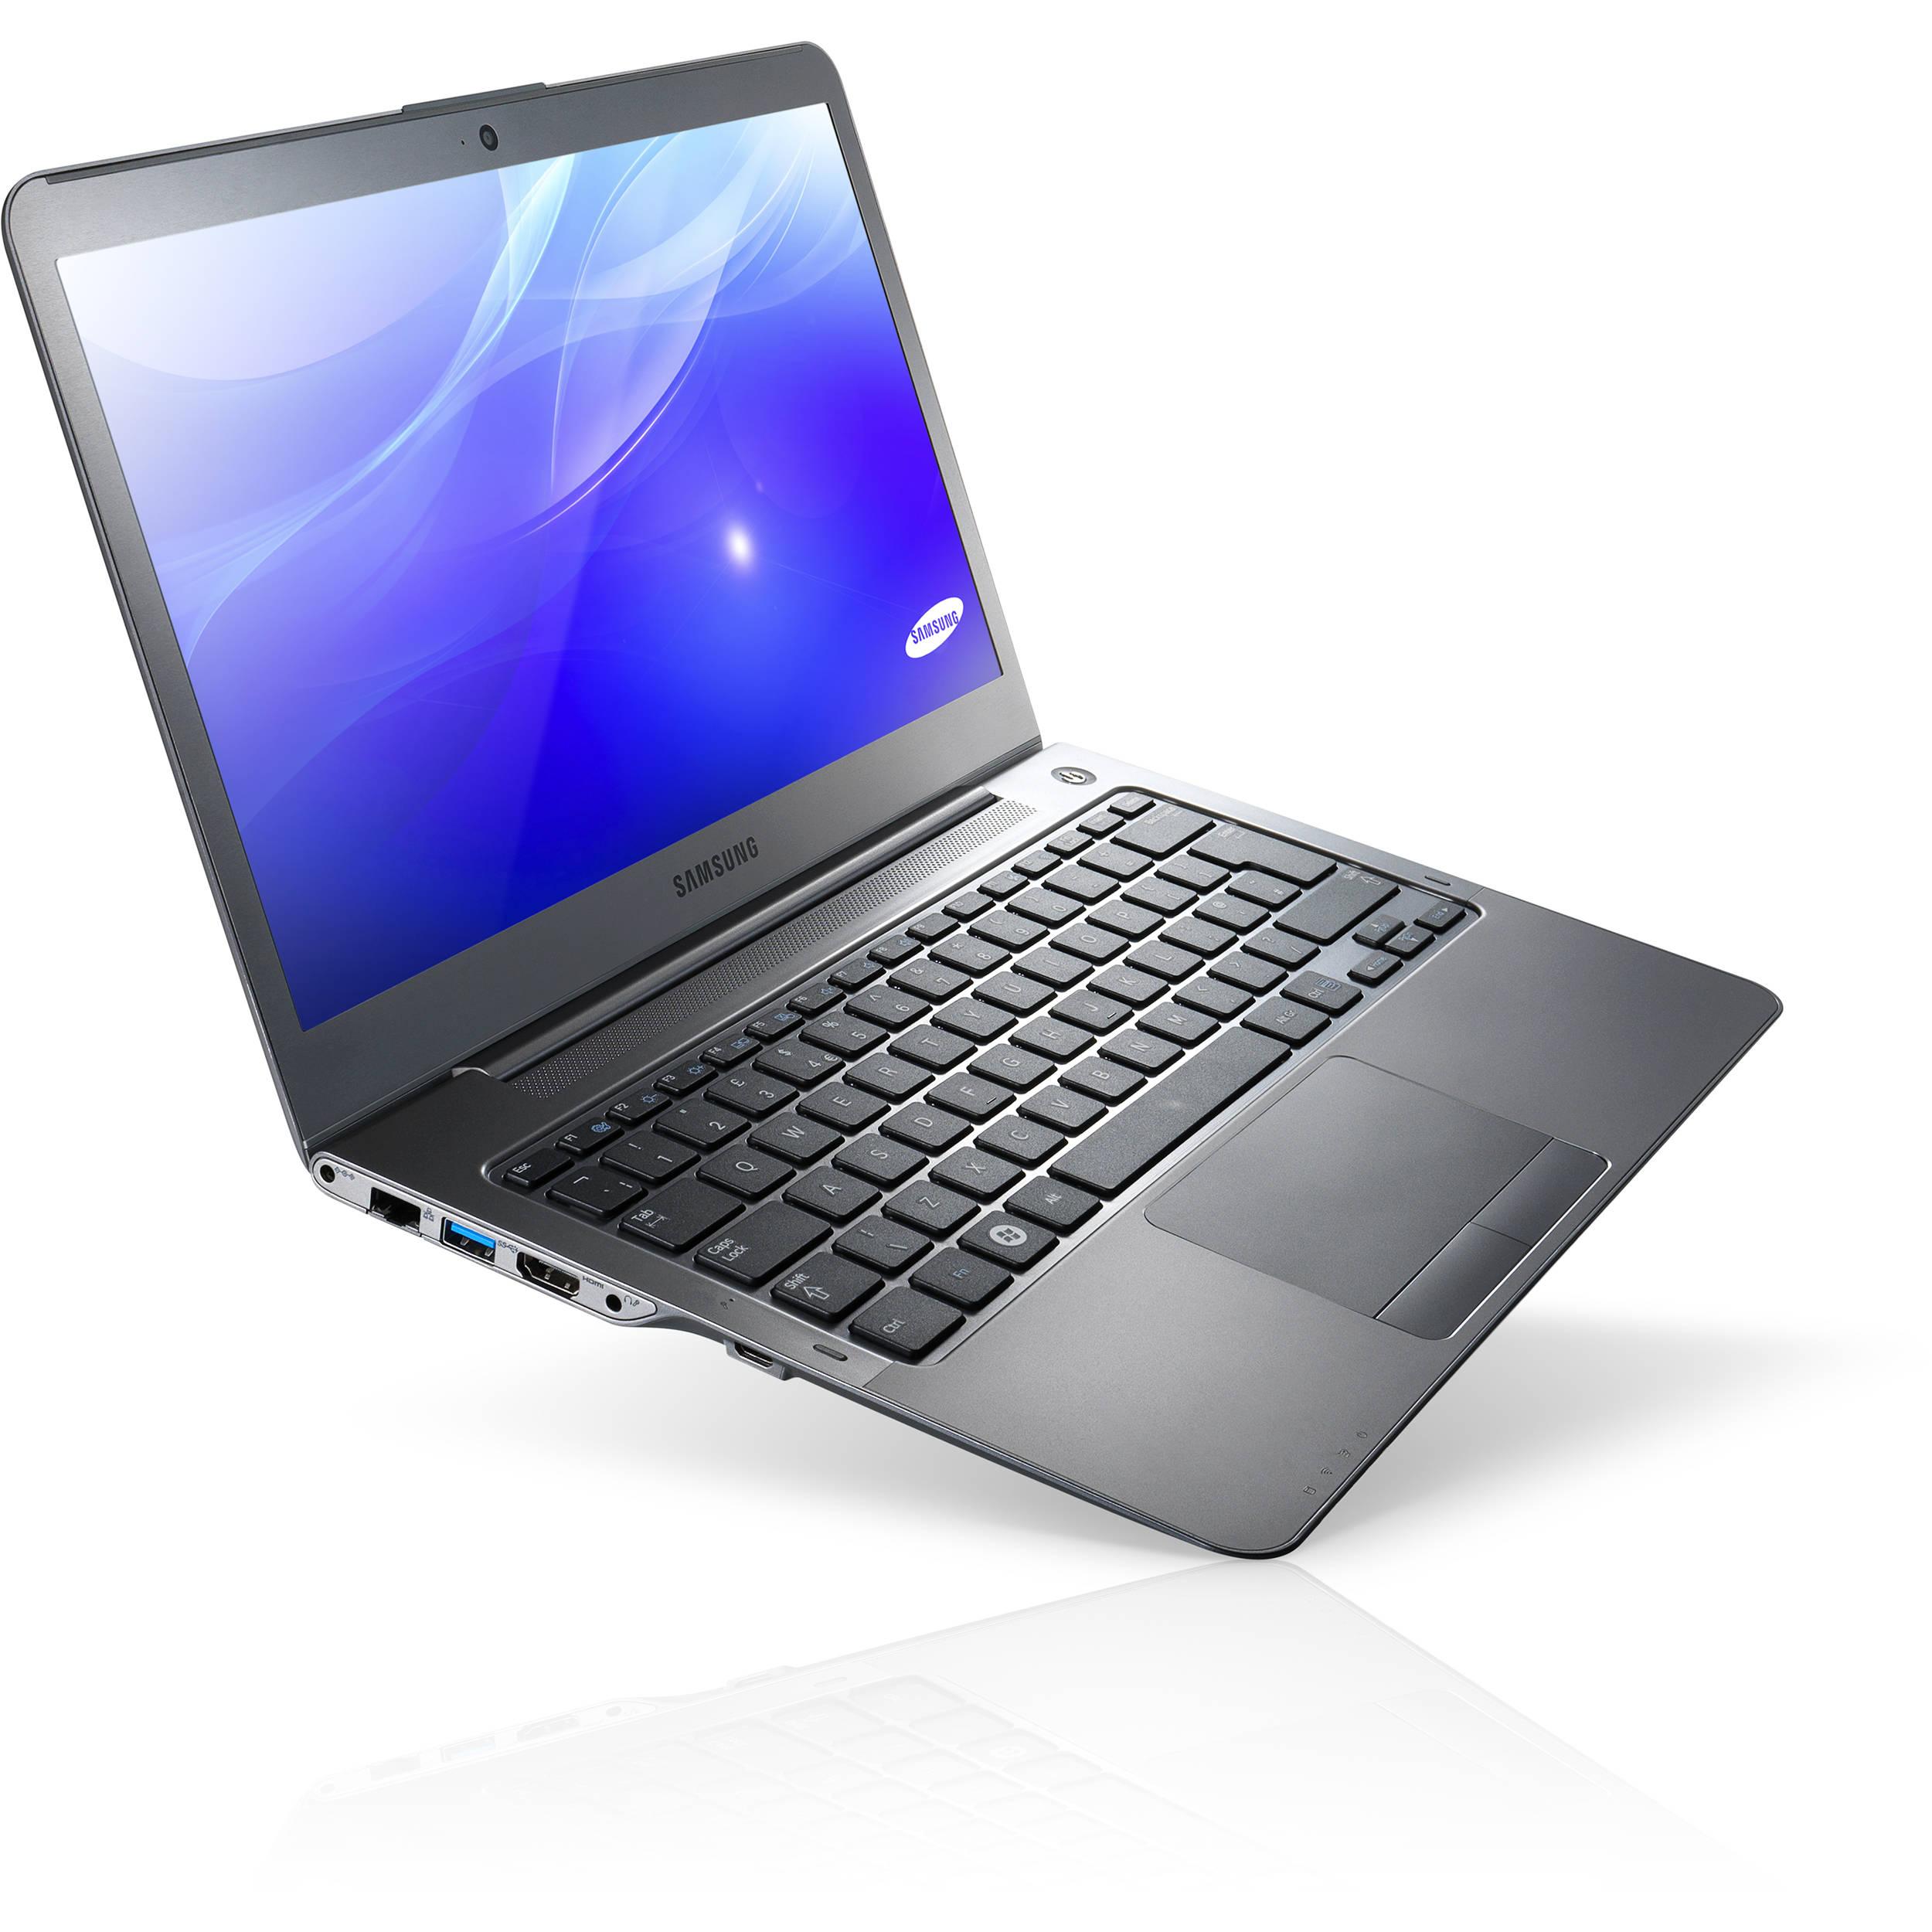 Samsung NP550P5C-A01US ExpressCache XP